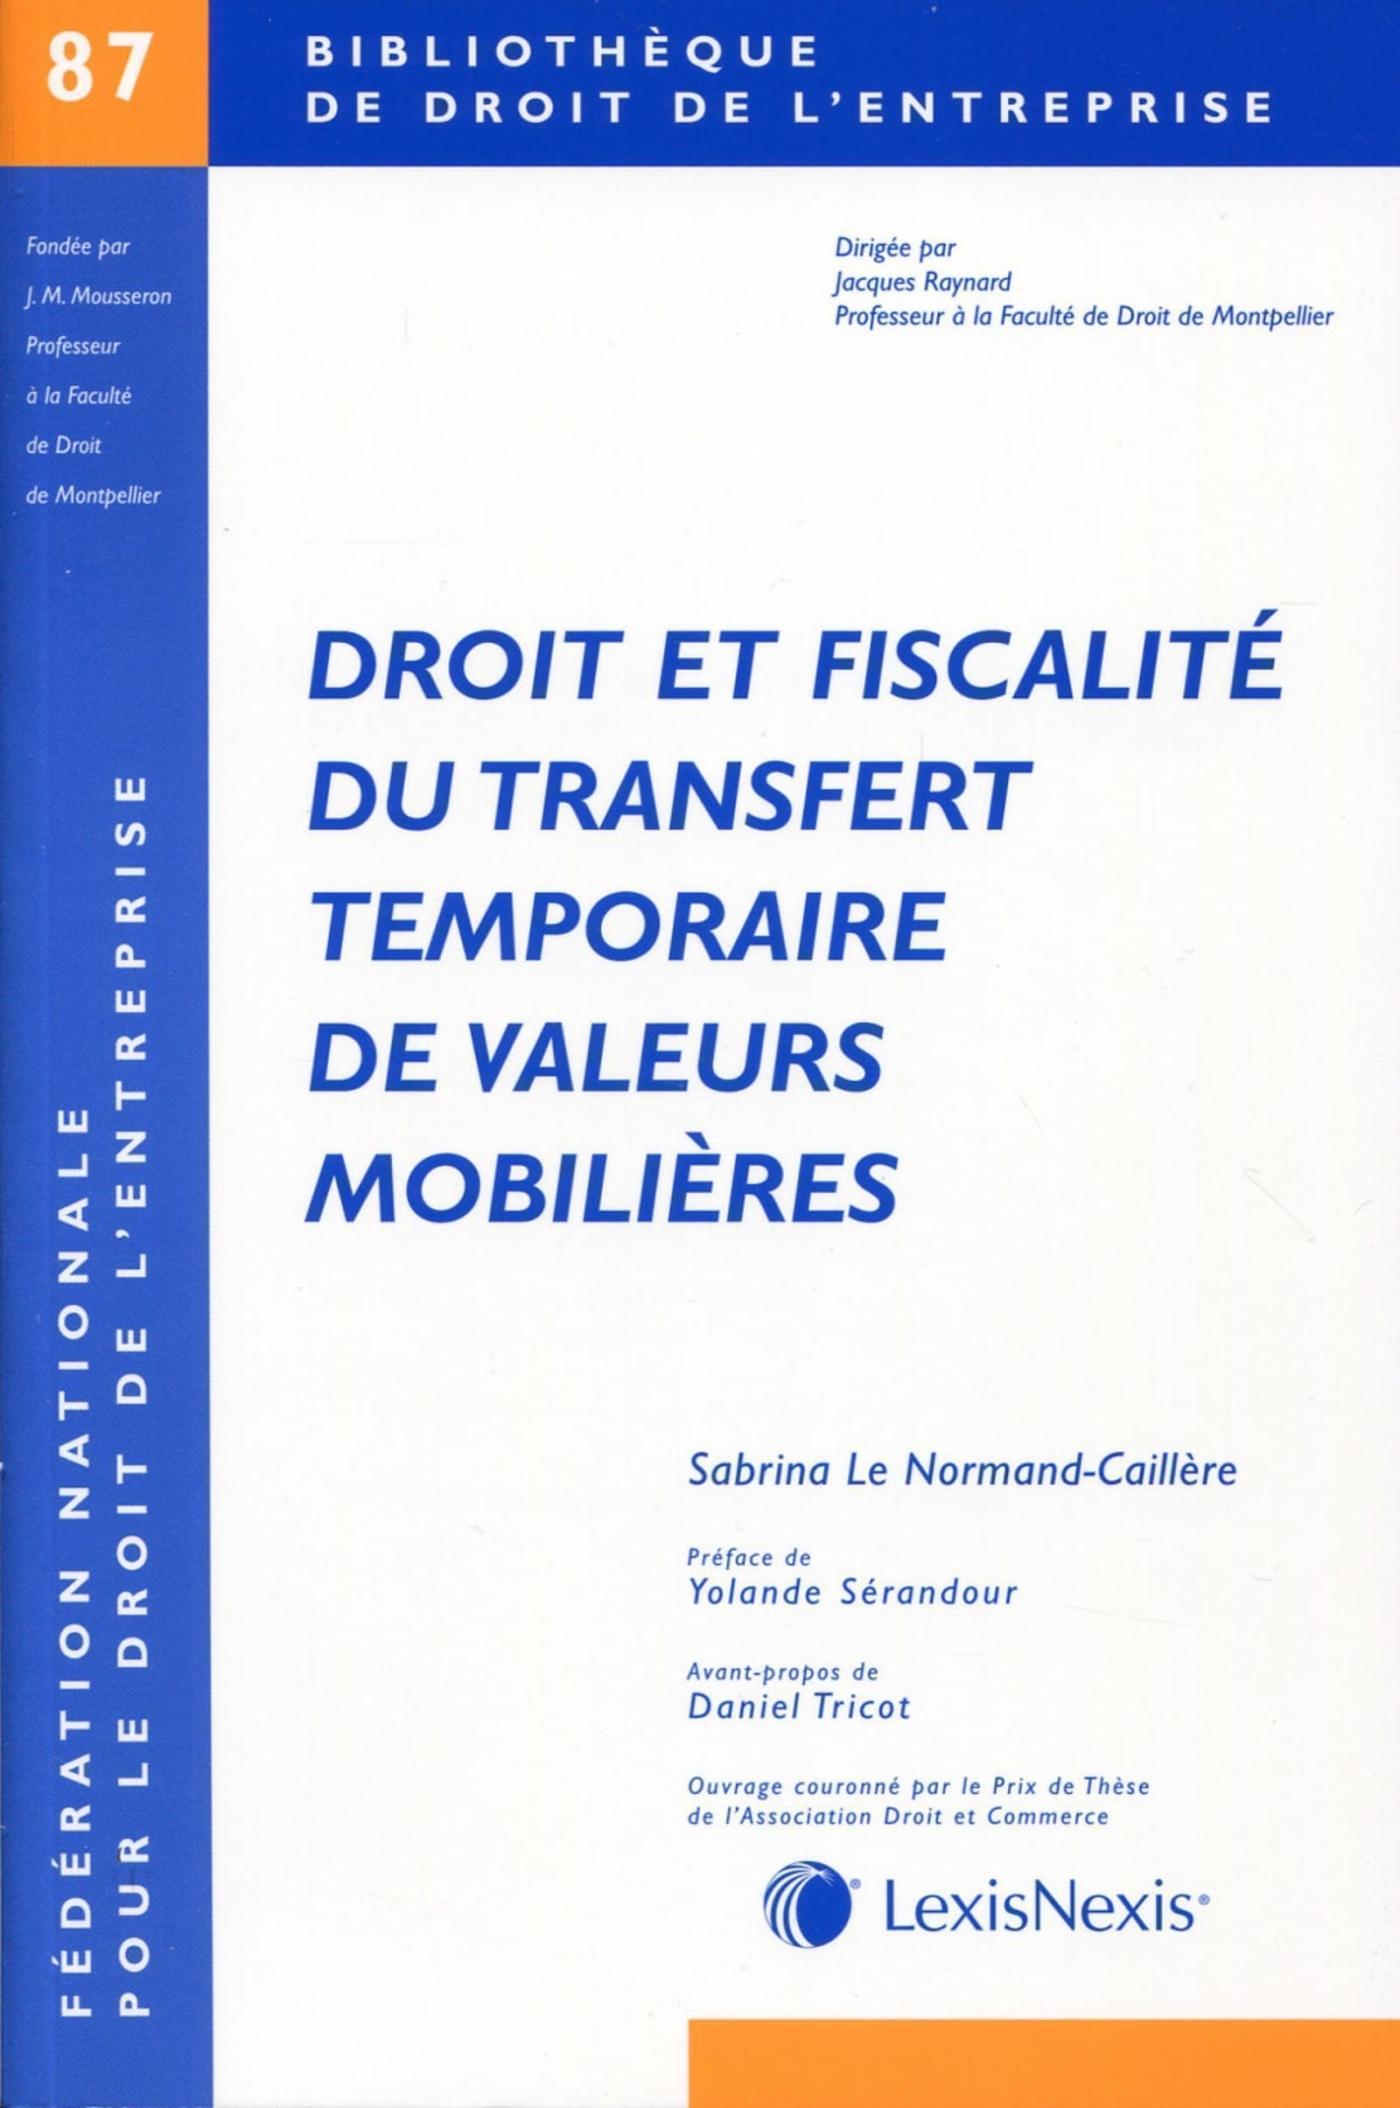 DROIT ET FISCALITE DU TRANSFERT TEMPORAIRE DE VALEURS MOBILIERES